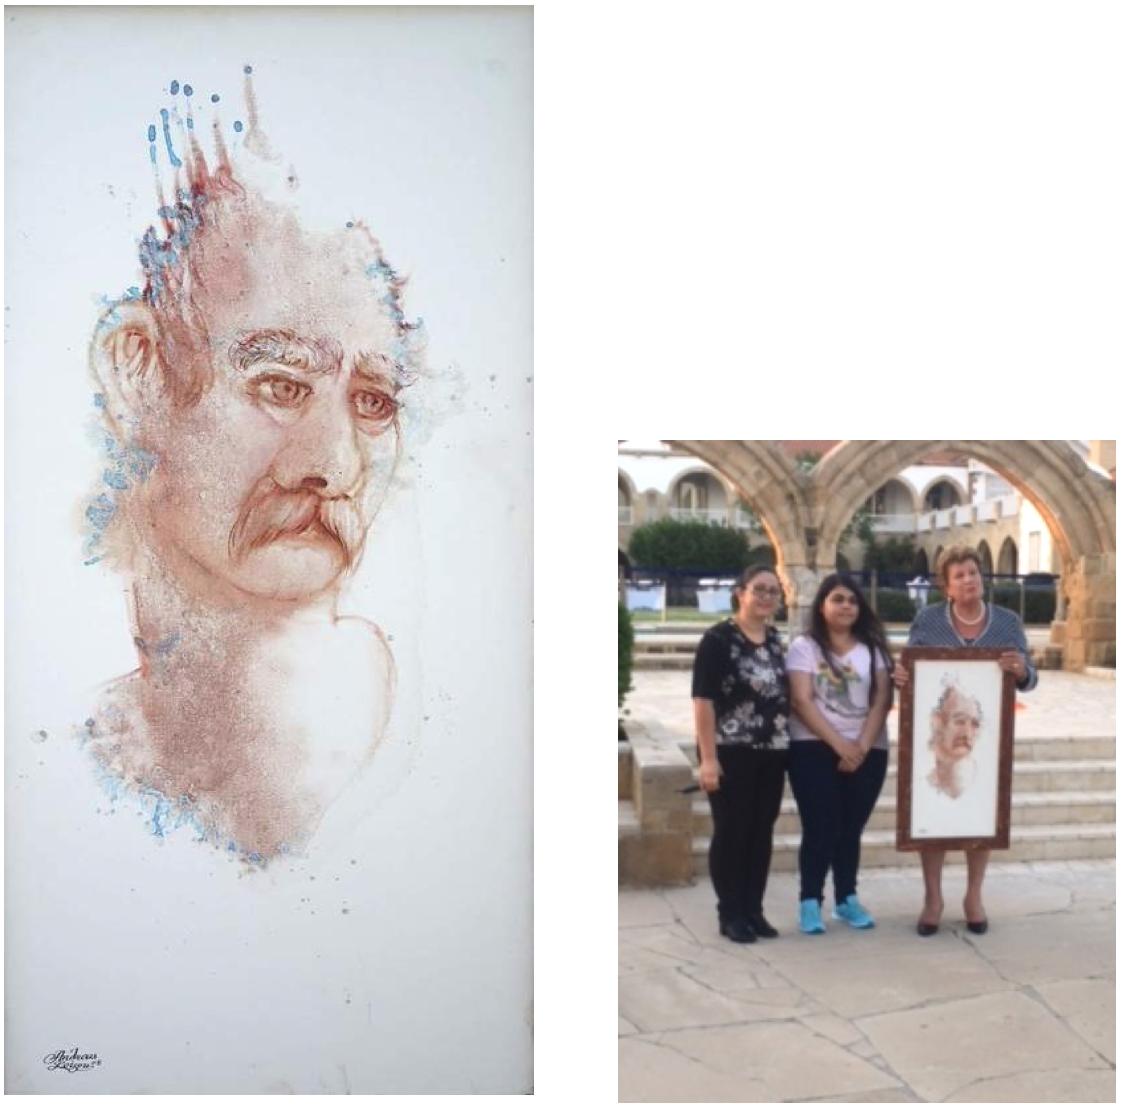 Η καρυκατούρα με την επωνυμία «Ήρωας» του καλλιτέχνη Ανδρέα Λοΐζου Νιού, που απεικονίζει τον Κύπριο πατέρα που αγωνίζεται να στηρίξει τον γιο του στην απεξάρτηση από τα ναρκωτικά, η οποία δωρίστηκε στην κα Άντρη Αναστασιάδη.